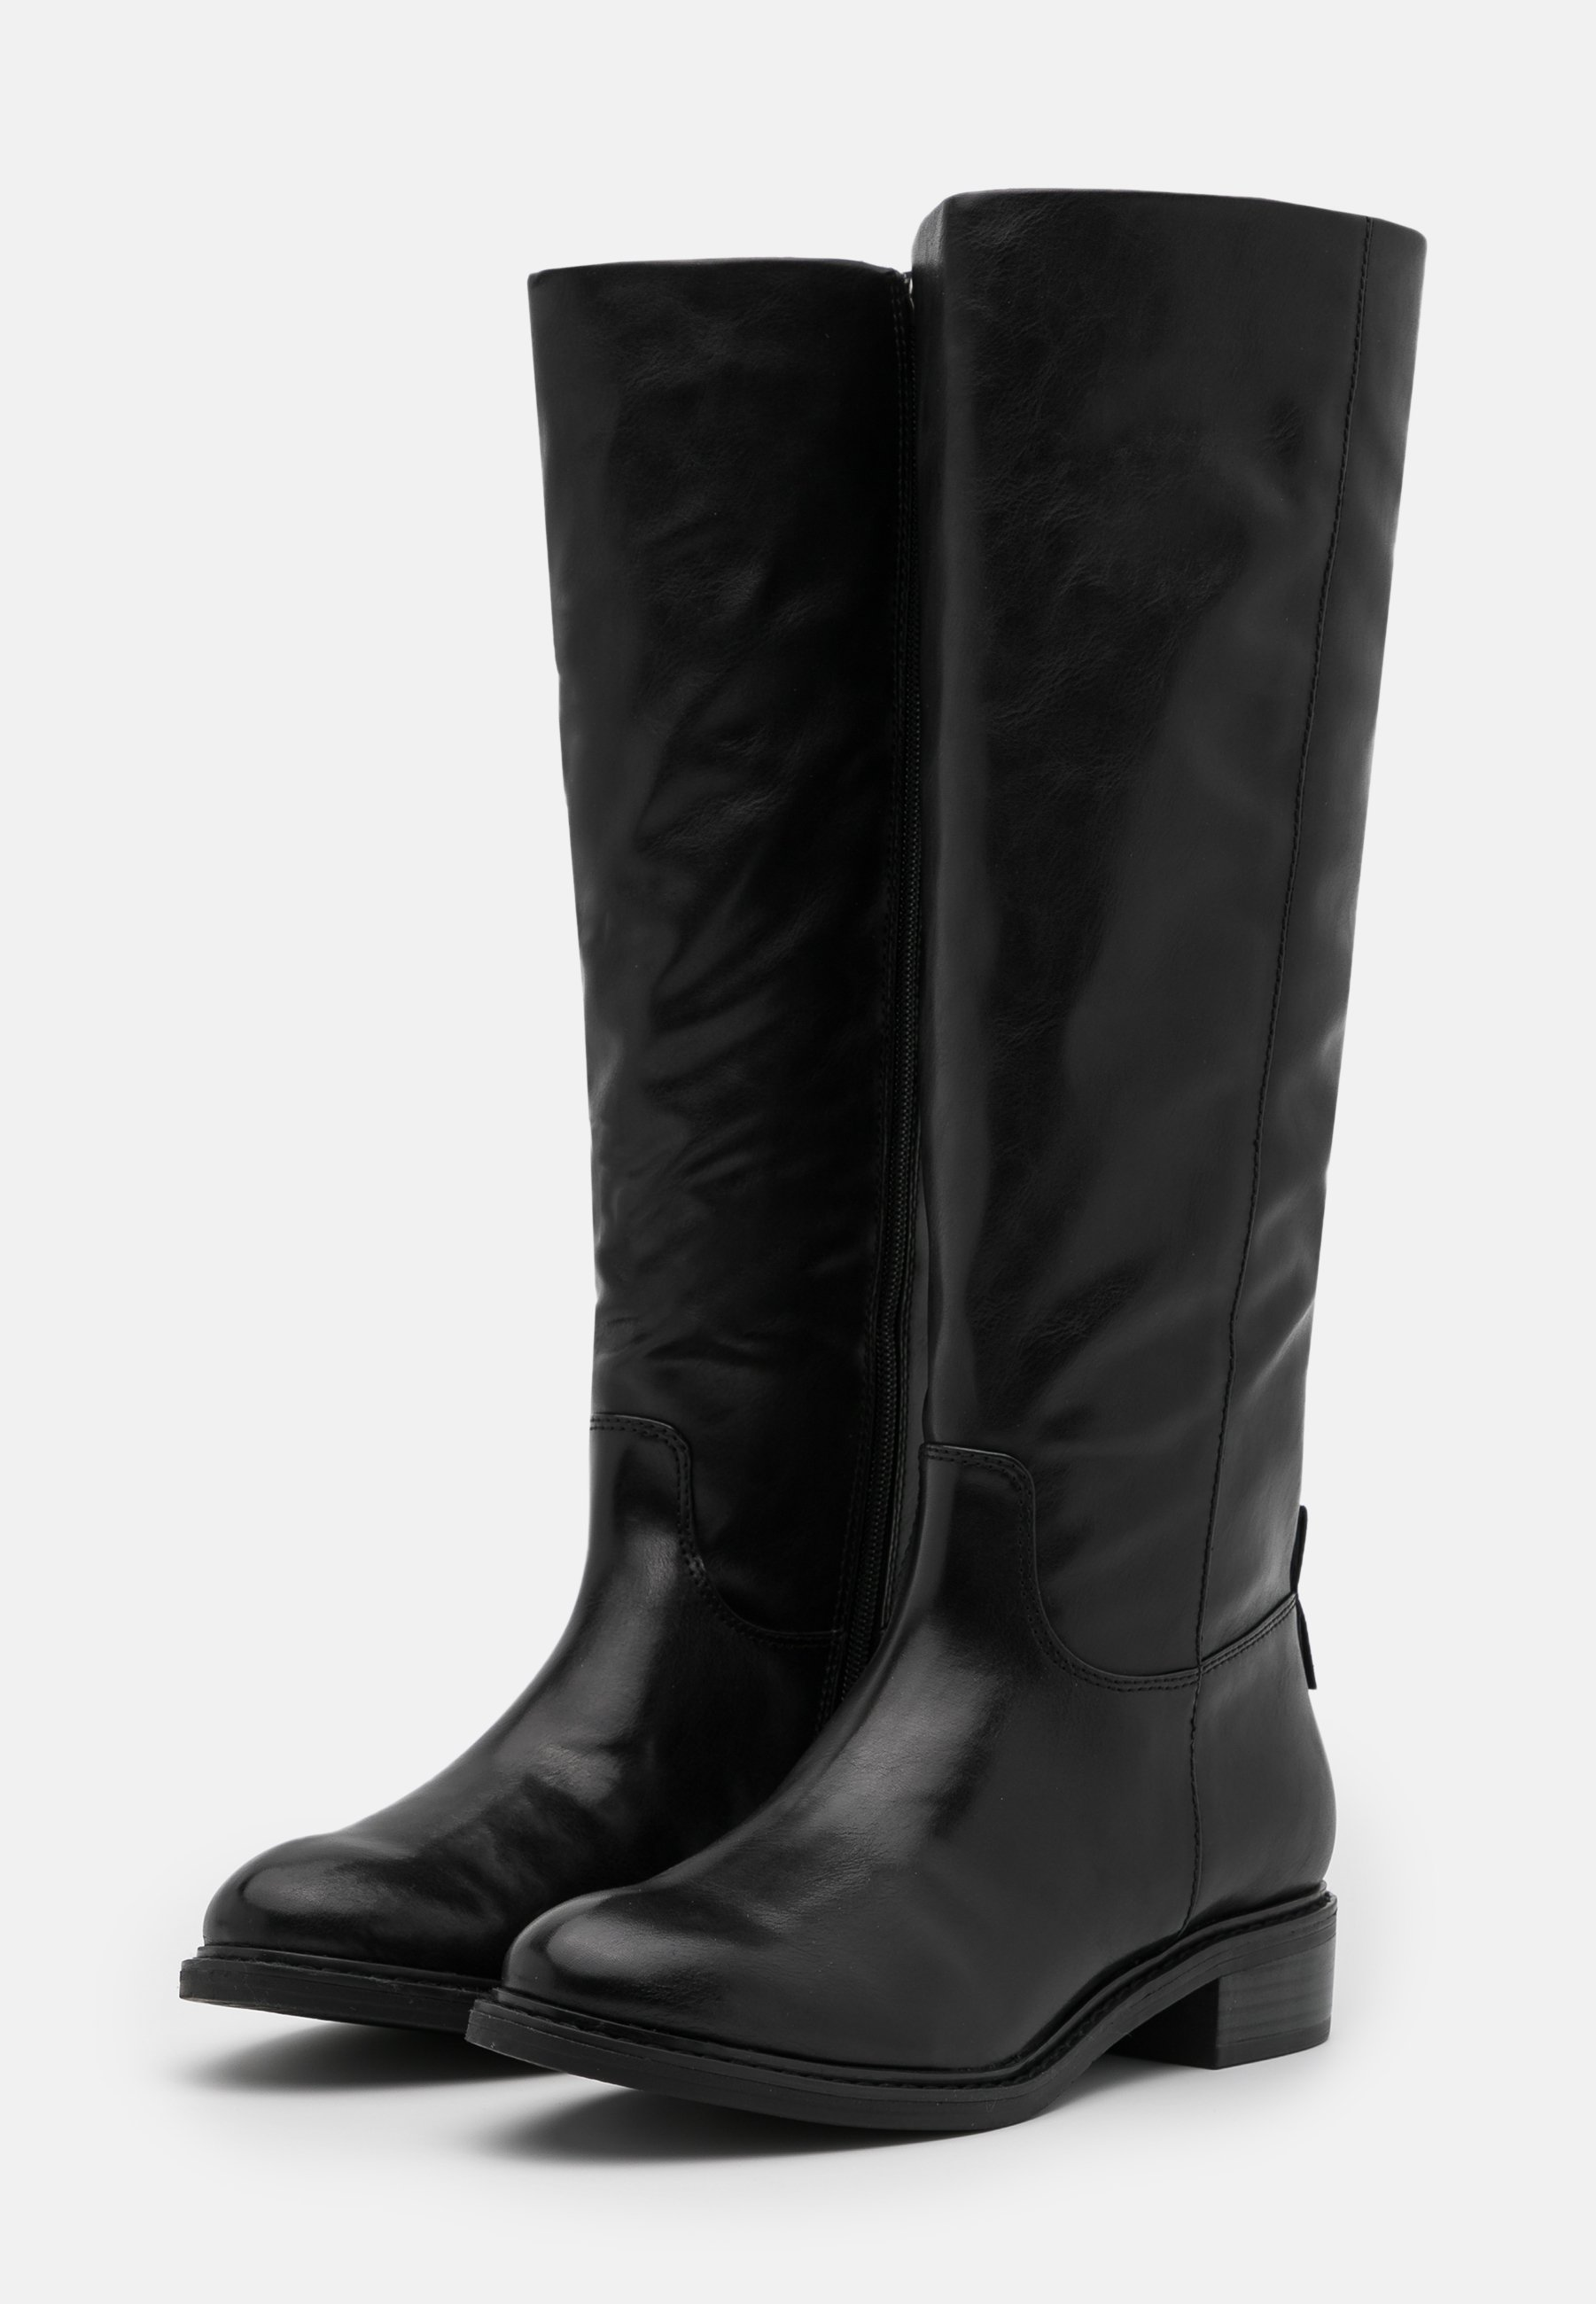 Tamaris BOOTS Stiefel black matt/schwarz